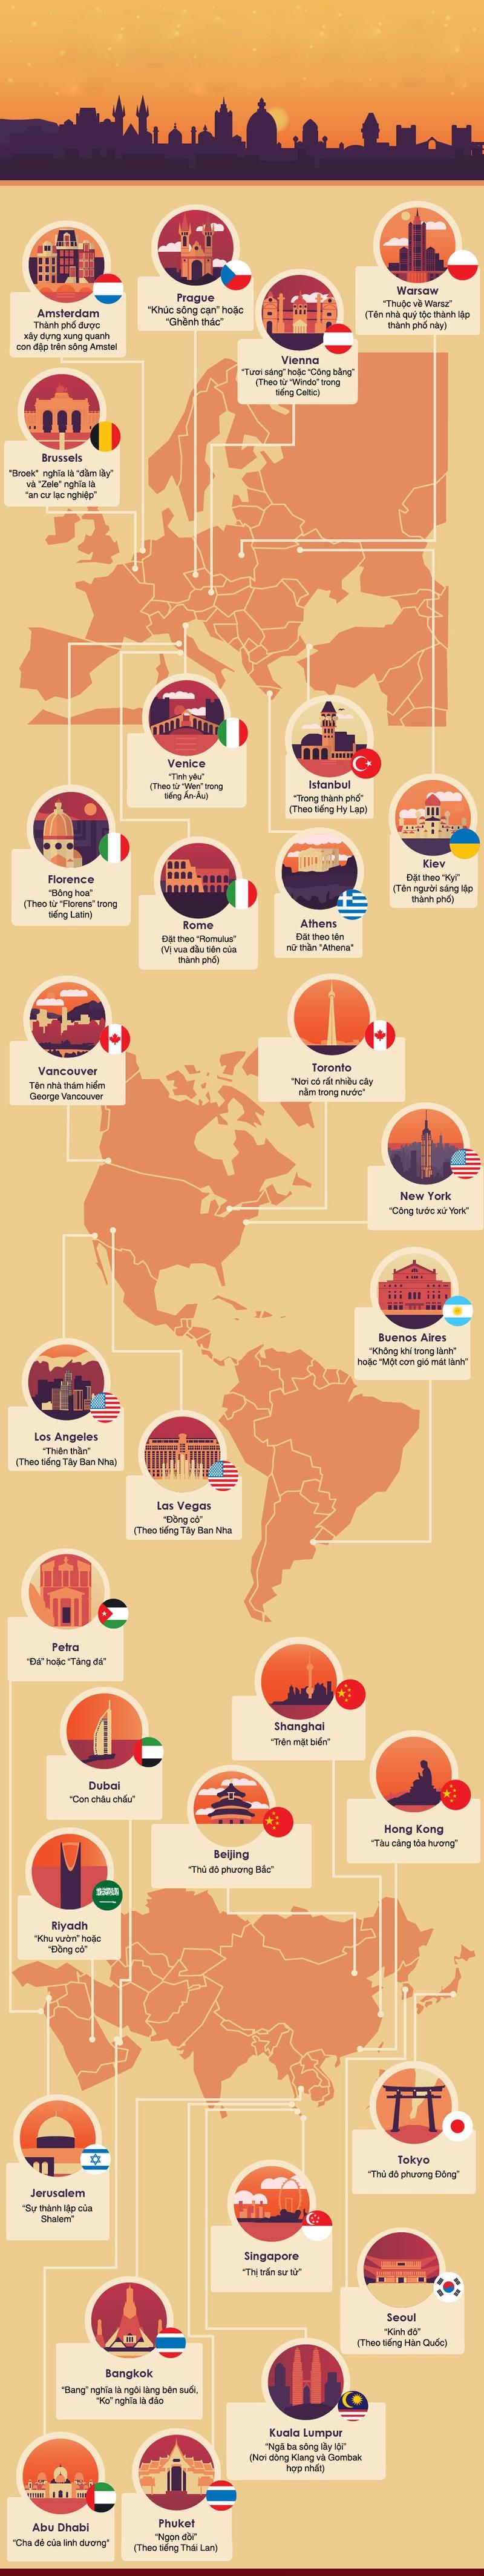 Ý nghĩa tên gọi các thành phố lớn trên thế giới  - ảnh 1